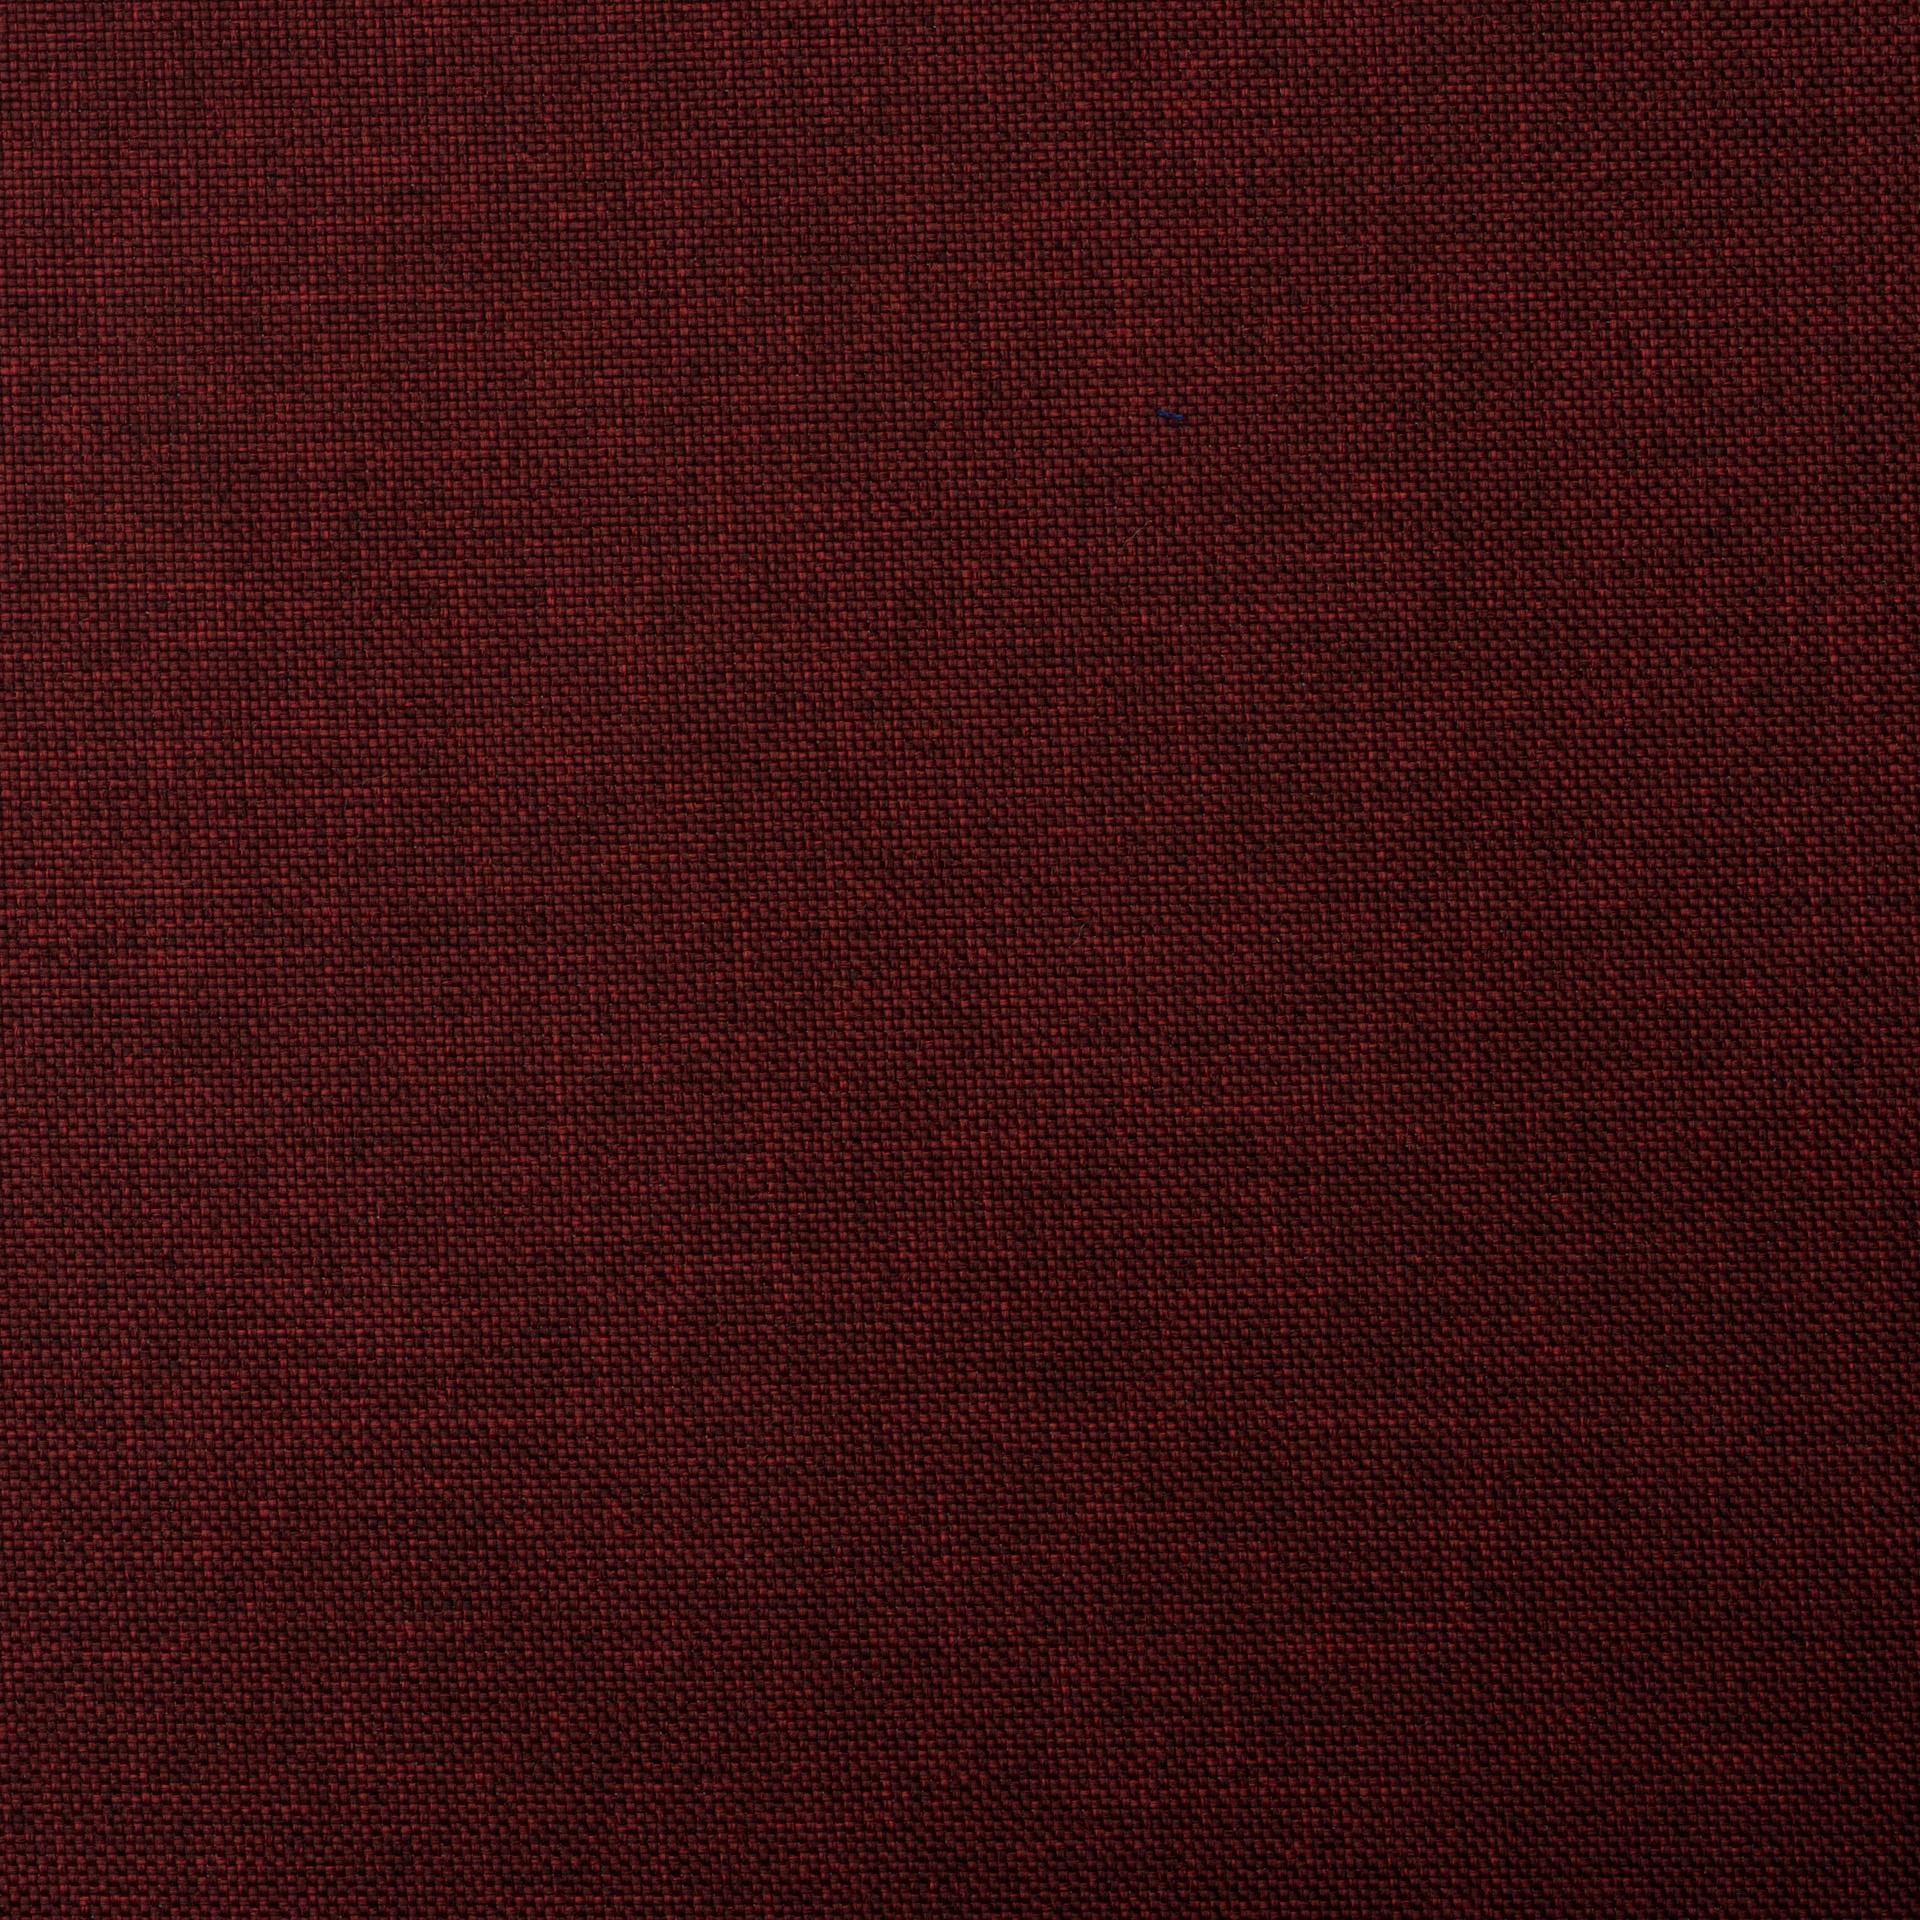 Коллекция ткани Саванна nova 24 Bordo,  купить ткань Жаккард для мебели Украина